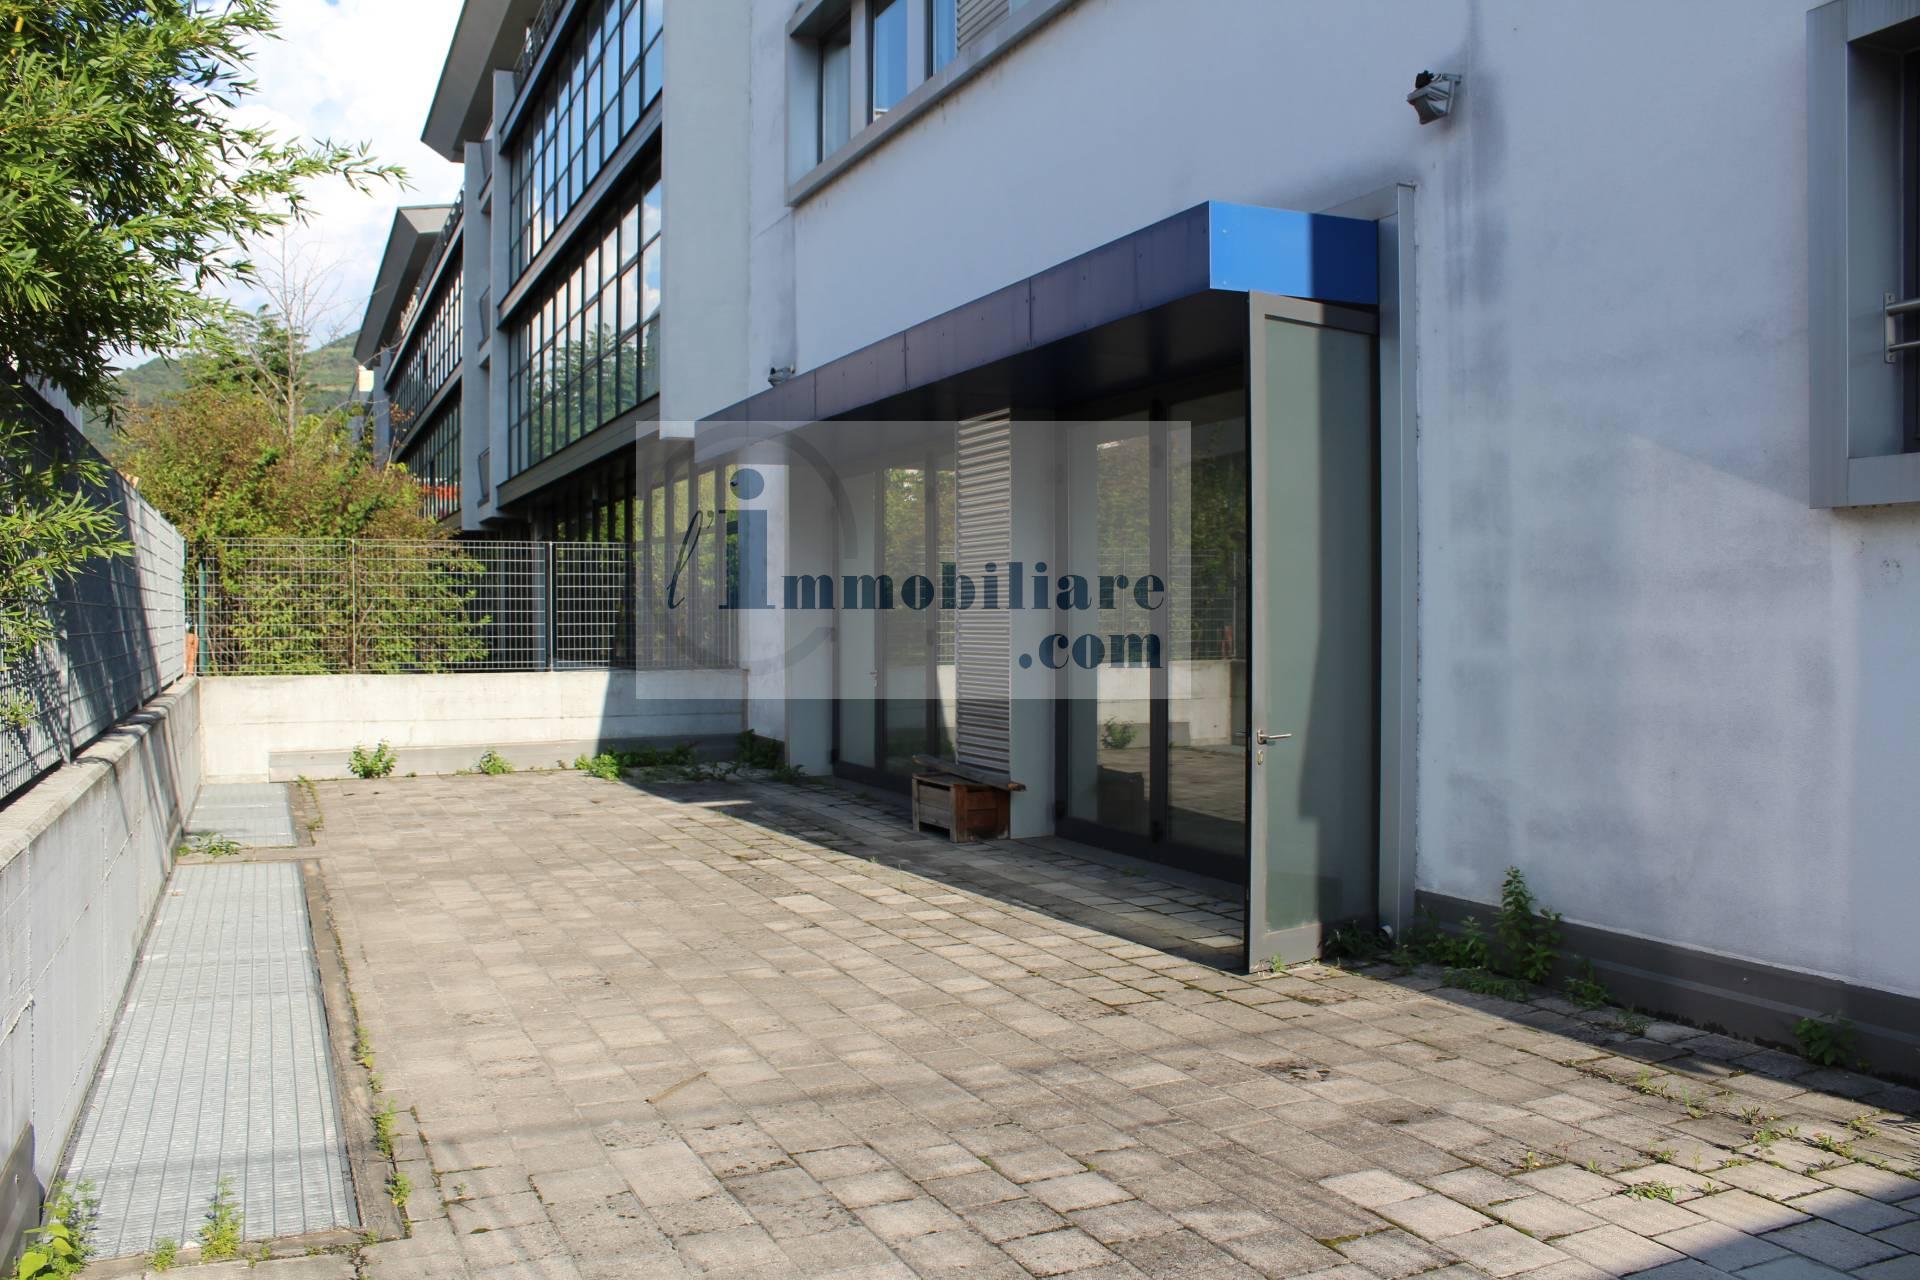 Capannone in vendita a Bolzano, 6 locali, zona Zona: Periferia, prezzo € 1.500.000 | CambioCasa.it